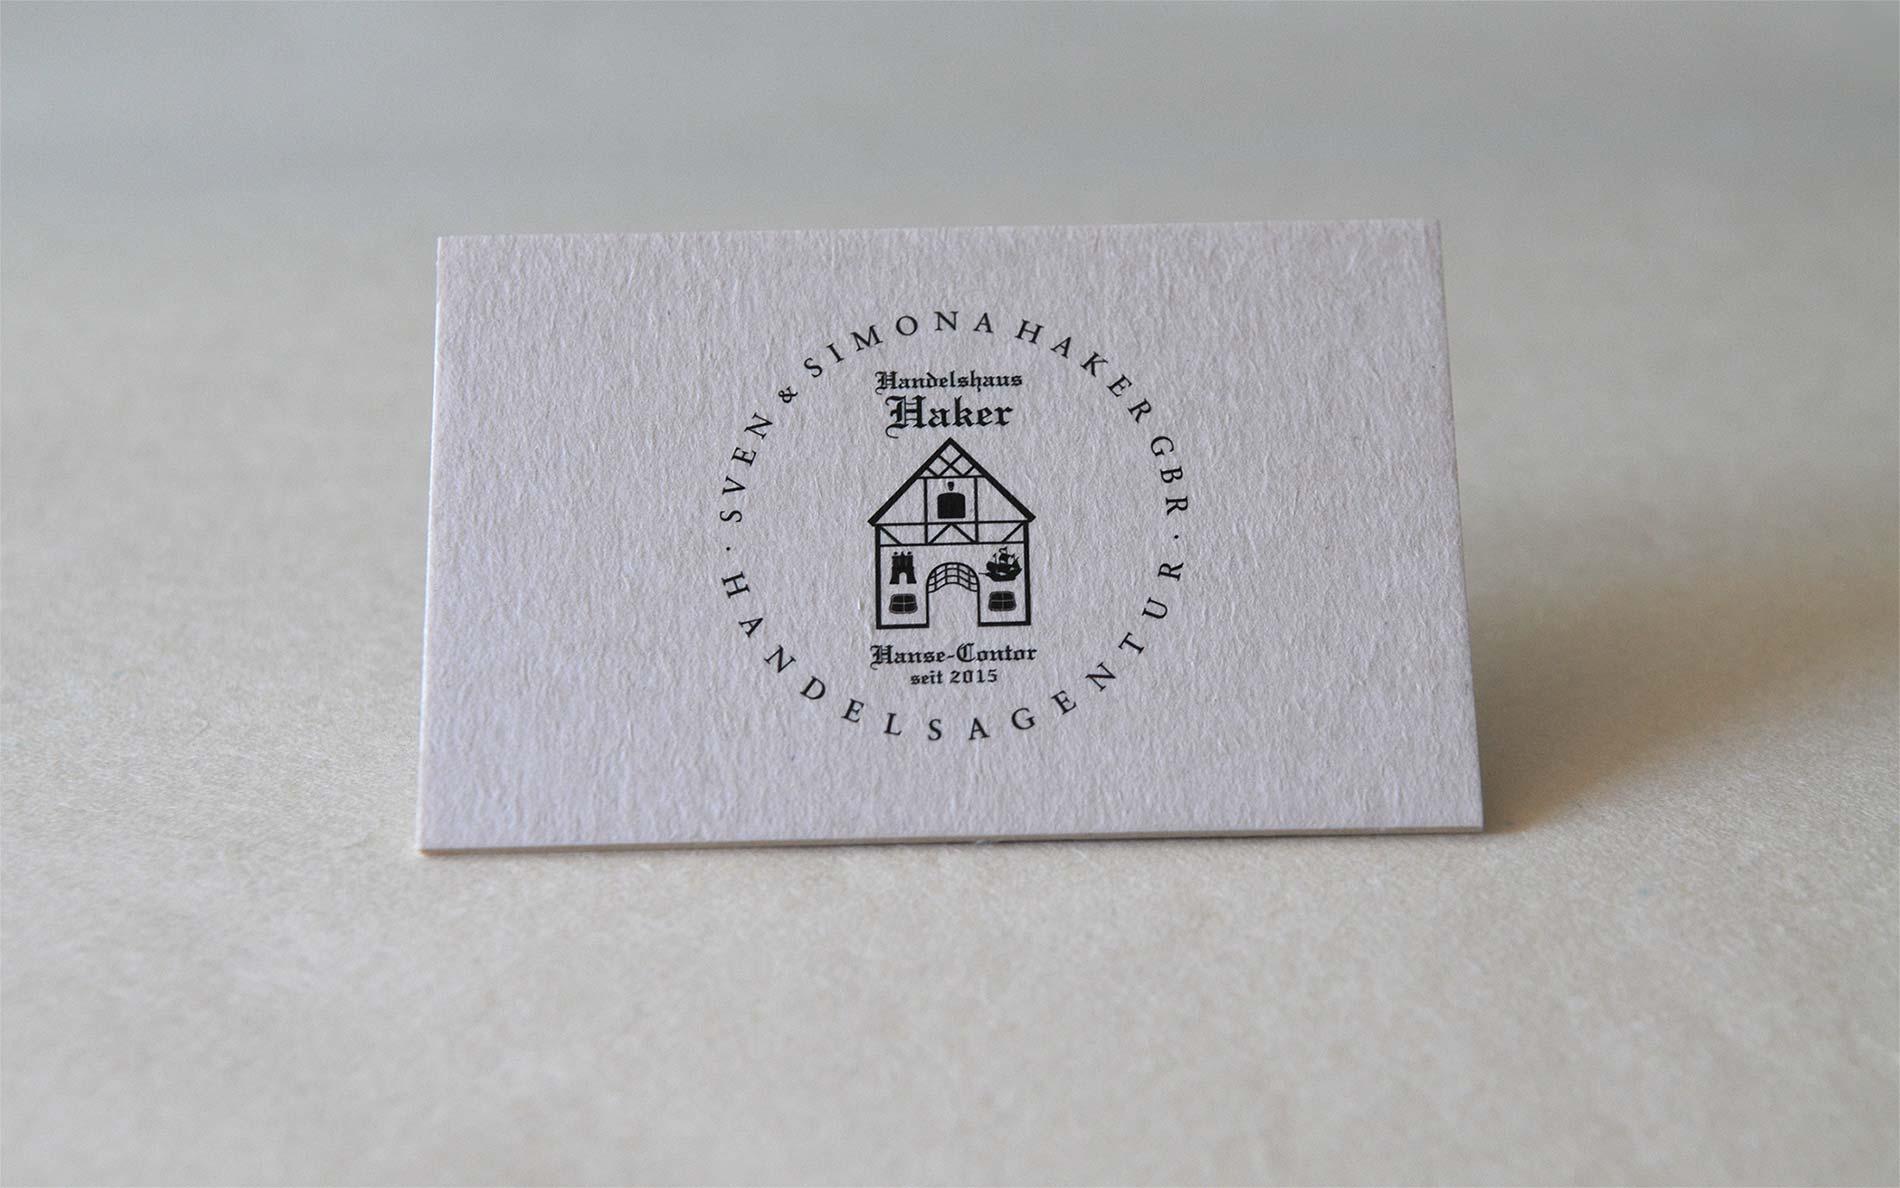 Logodesign Handelshaus – für das Handeshaus Sven & Simona Haker GBR. Sie sehen ein Logo für ein Handelshaus, das in der Ästhetik die Wertigkeit eines gewachsenen Unternehmens vermitteln möchte.